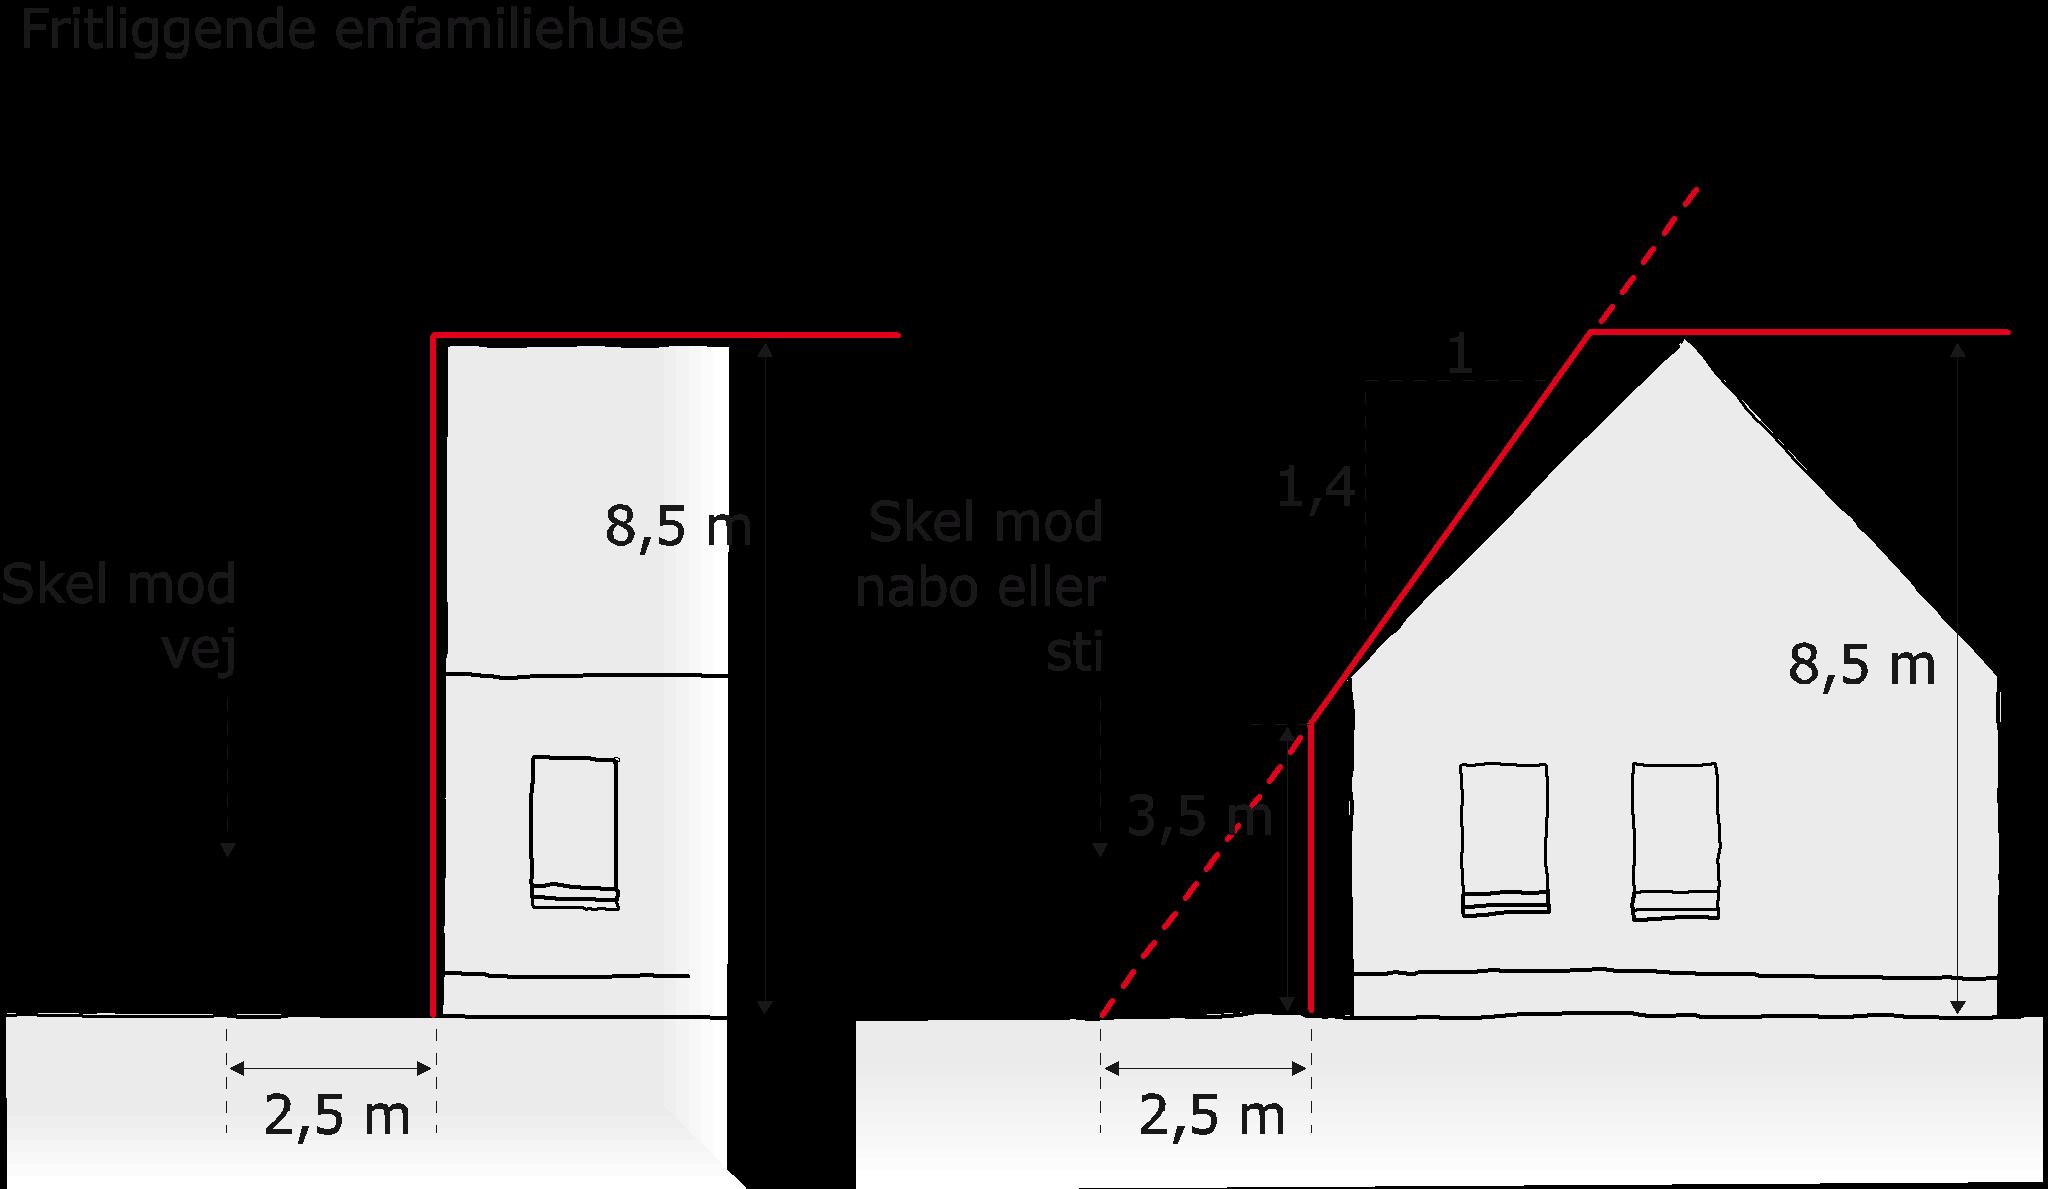 Figur 2.7.3.1. Mindsteafstand mod vej, sti og skel og skråt højdegrænseplan ved skel mod naboskel og sti.